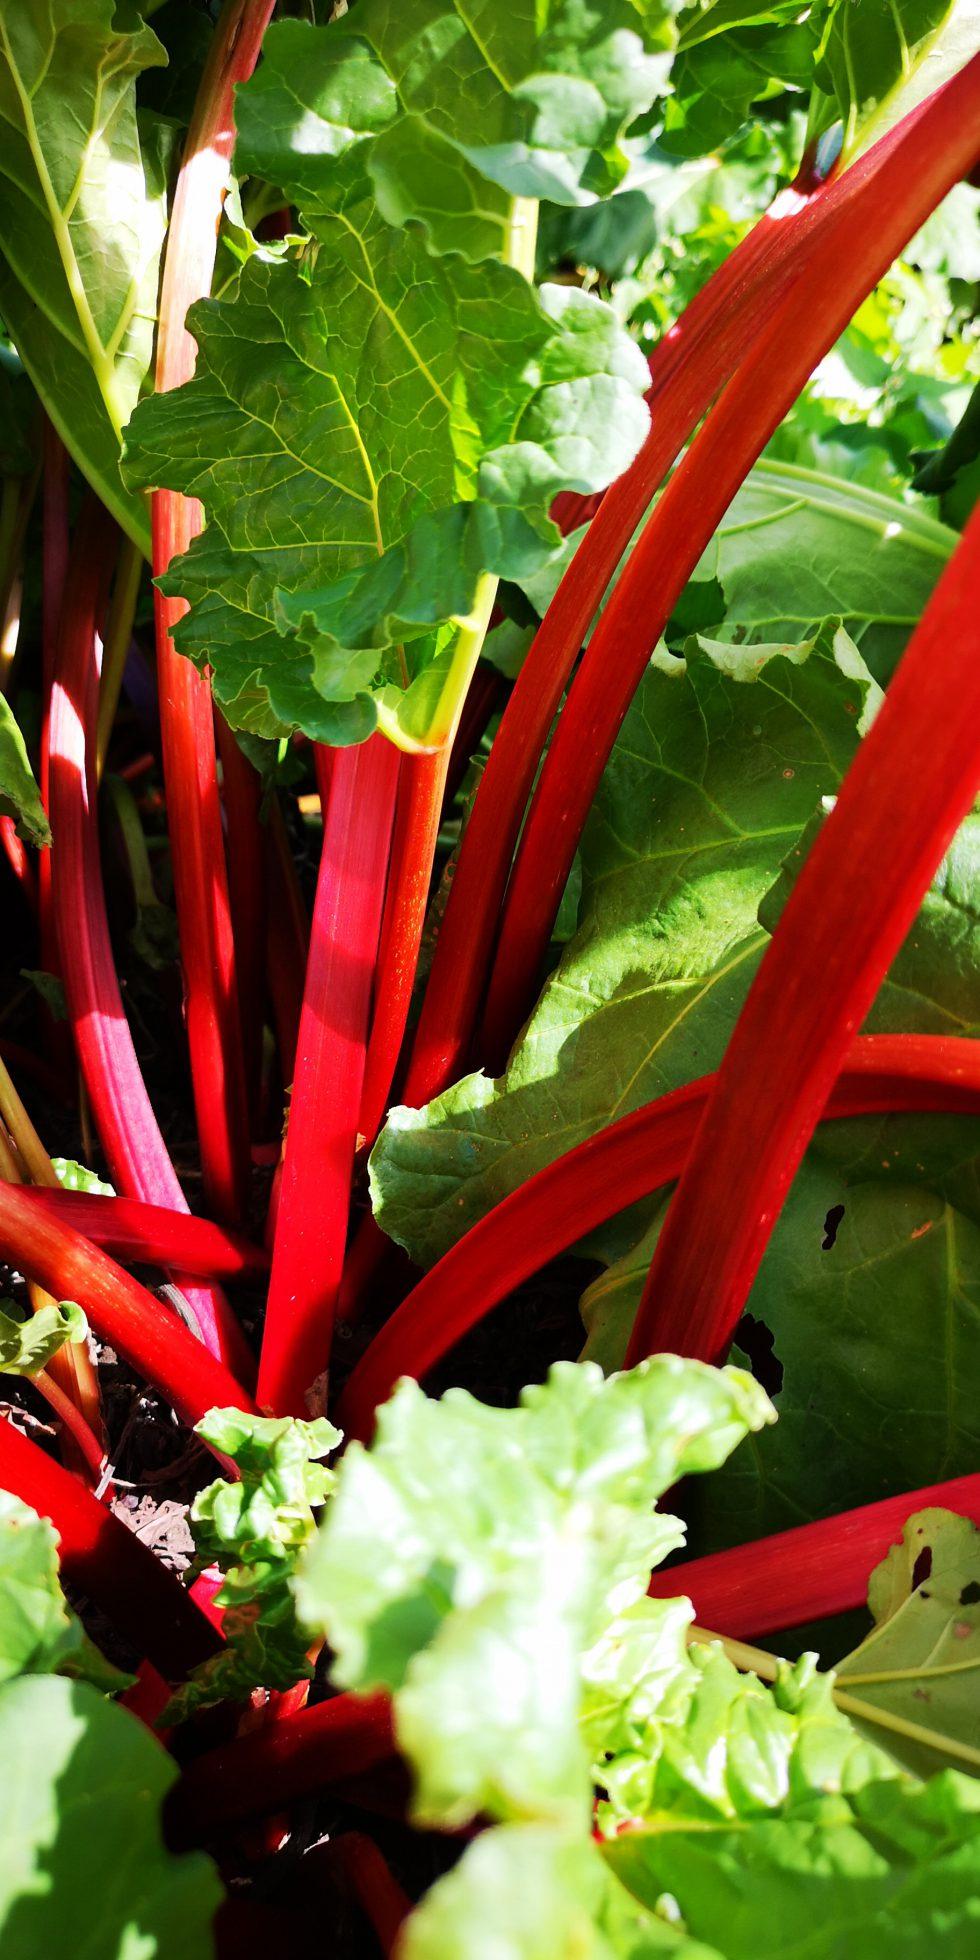 ルビー色に輝く高原野菜「赤ルバーブ」